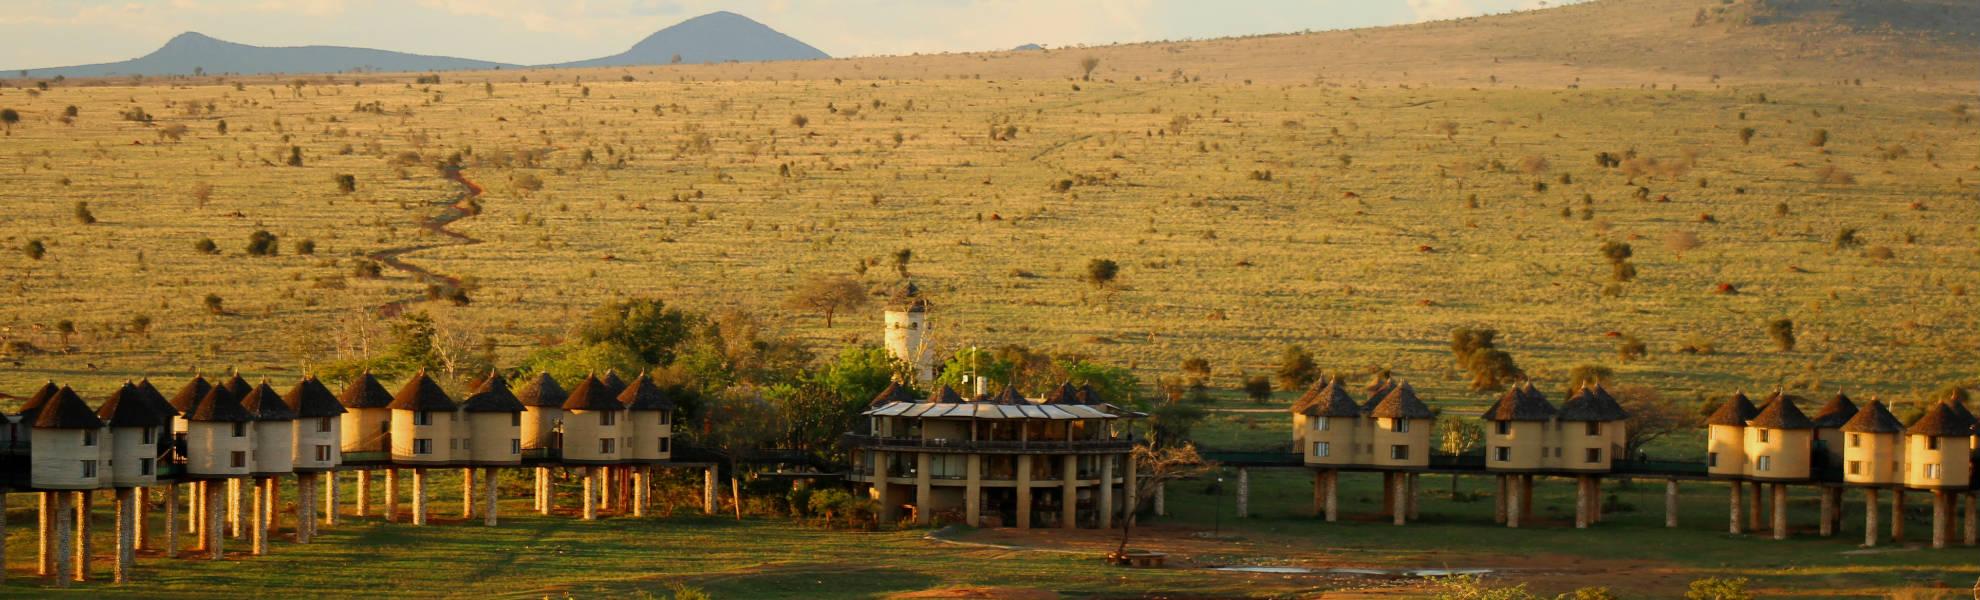 Auf Stelzen gebaute Sarova Saltlick Game Lodge im Taita Hills Schutzgebiet